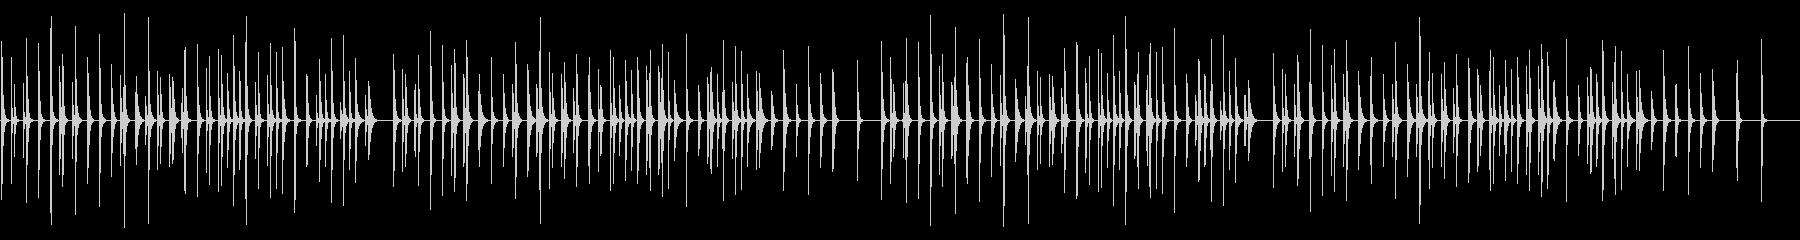 雪 シロフォンソロの未再生の波形